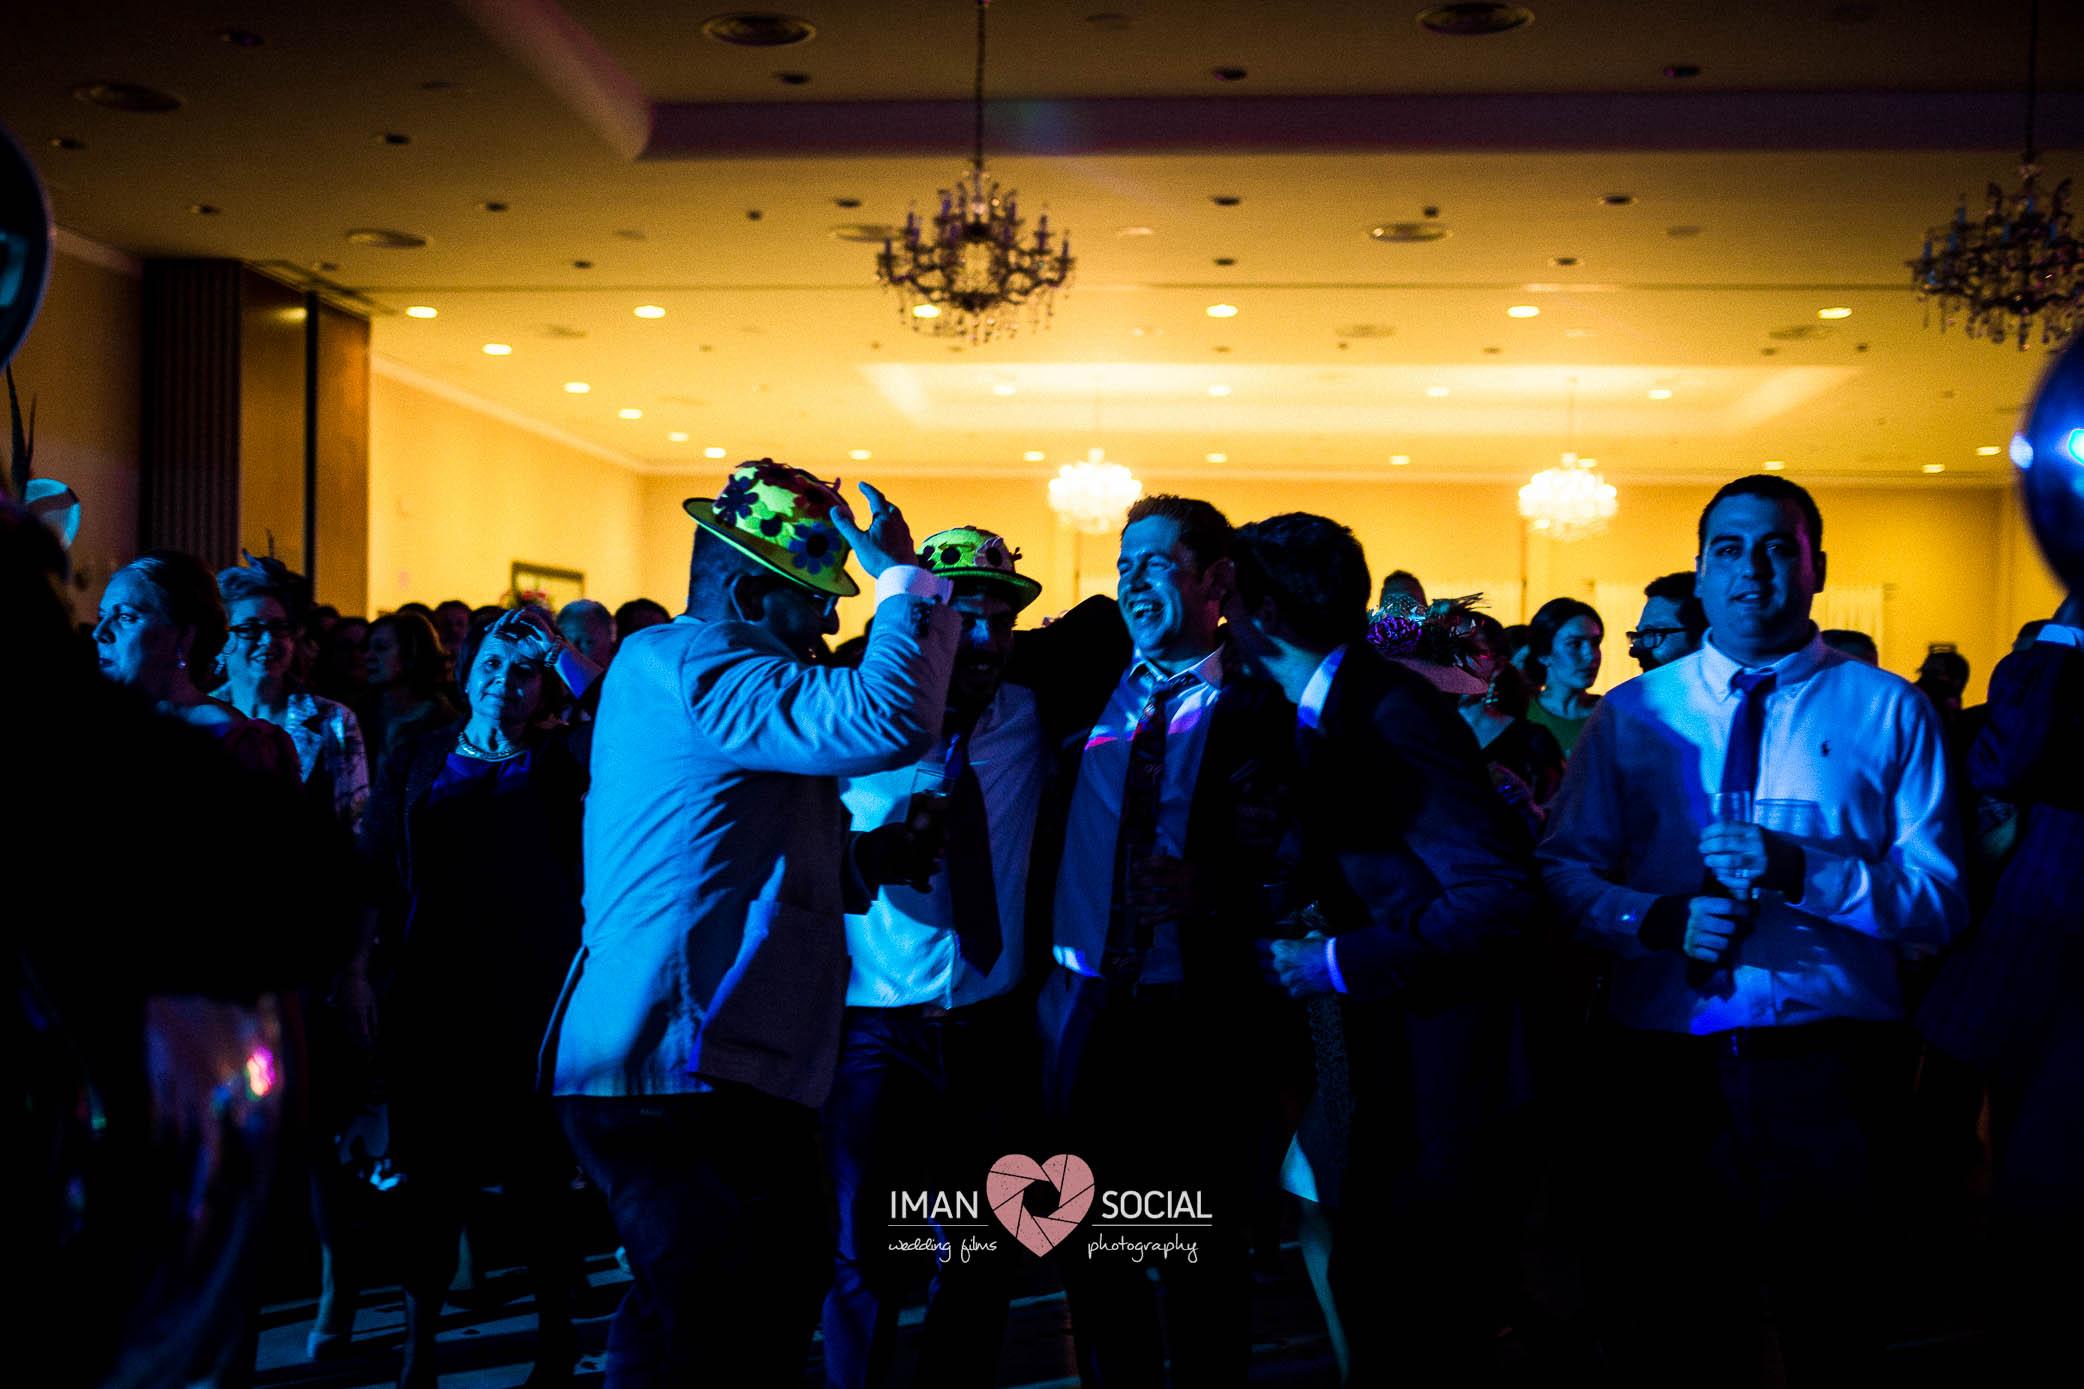 fotografo-de-boda-en-cordoba-sevilla-posadas-boda-auxi-y-antonio-42 Auxi & Antonio, primera boda de la temporada - video boda cordoba